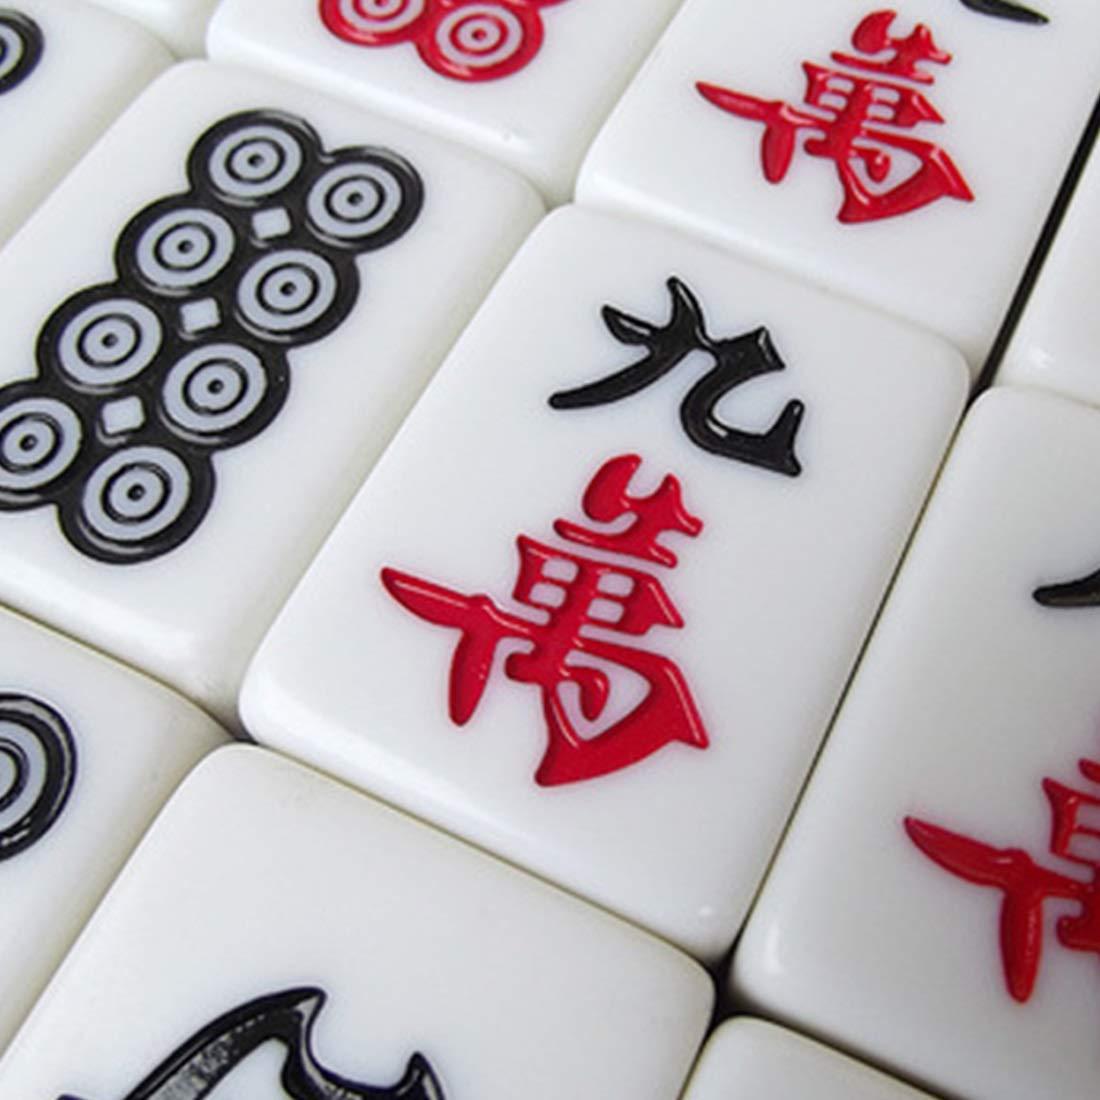 calidad auténtica Hexiansheng Mahjong Portátil ; Mahjong De Bambú Clásico M Mahjong Mahjong Mahjong Del Hogar ; Un Mantel De Fieltro De 80 MM De Mesa De Mahjong, Una Bolsa De Almacenamiento Y 2 Dados De Color ; Múltiples Tamaños Dispo  solo cómpralo